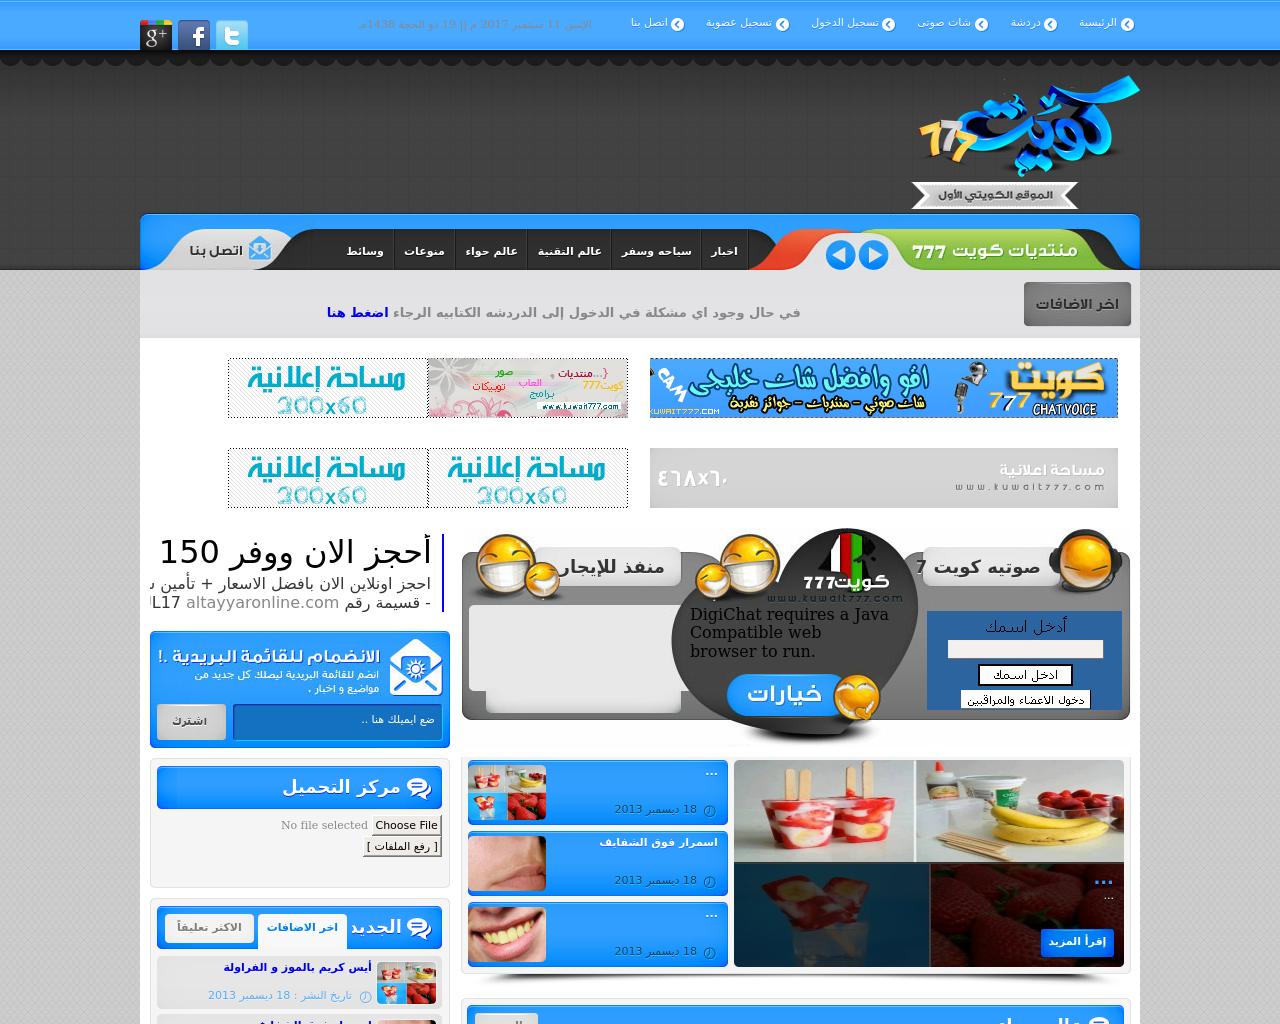 Kuwait chat 777